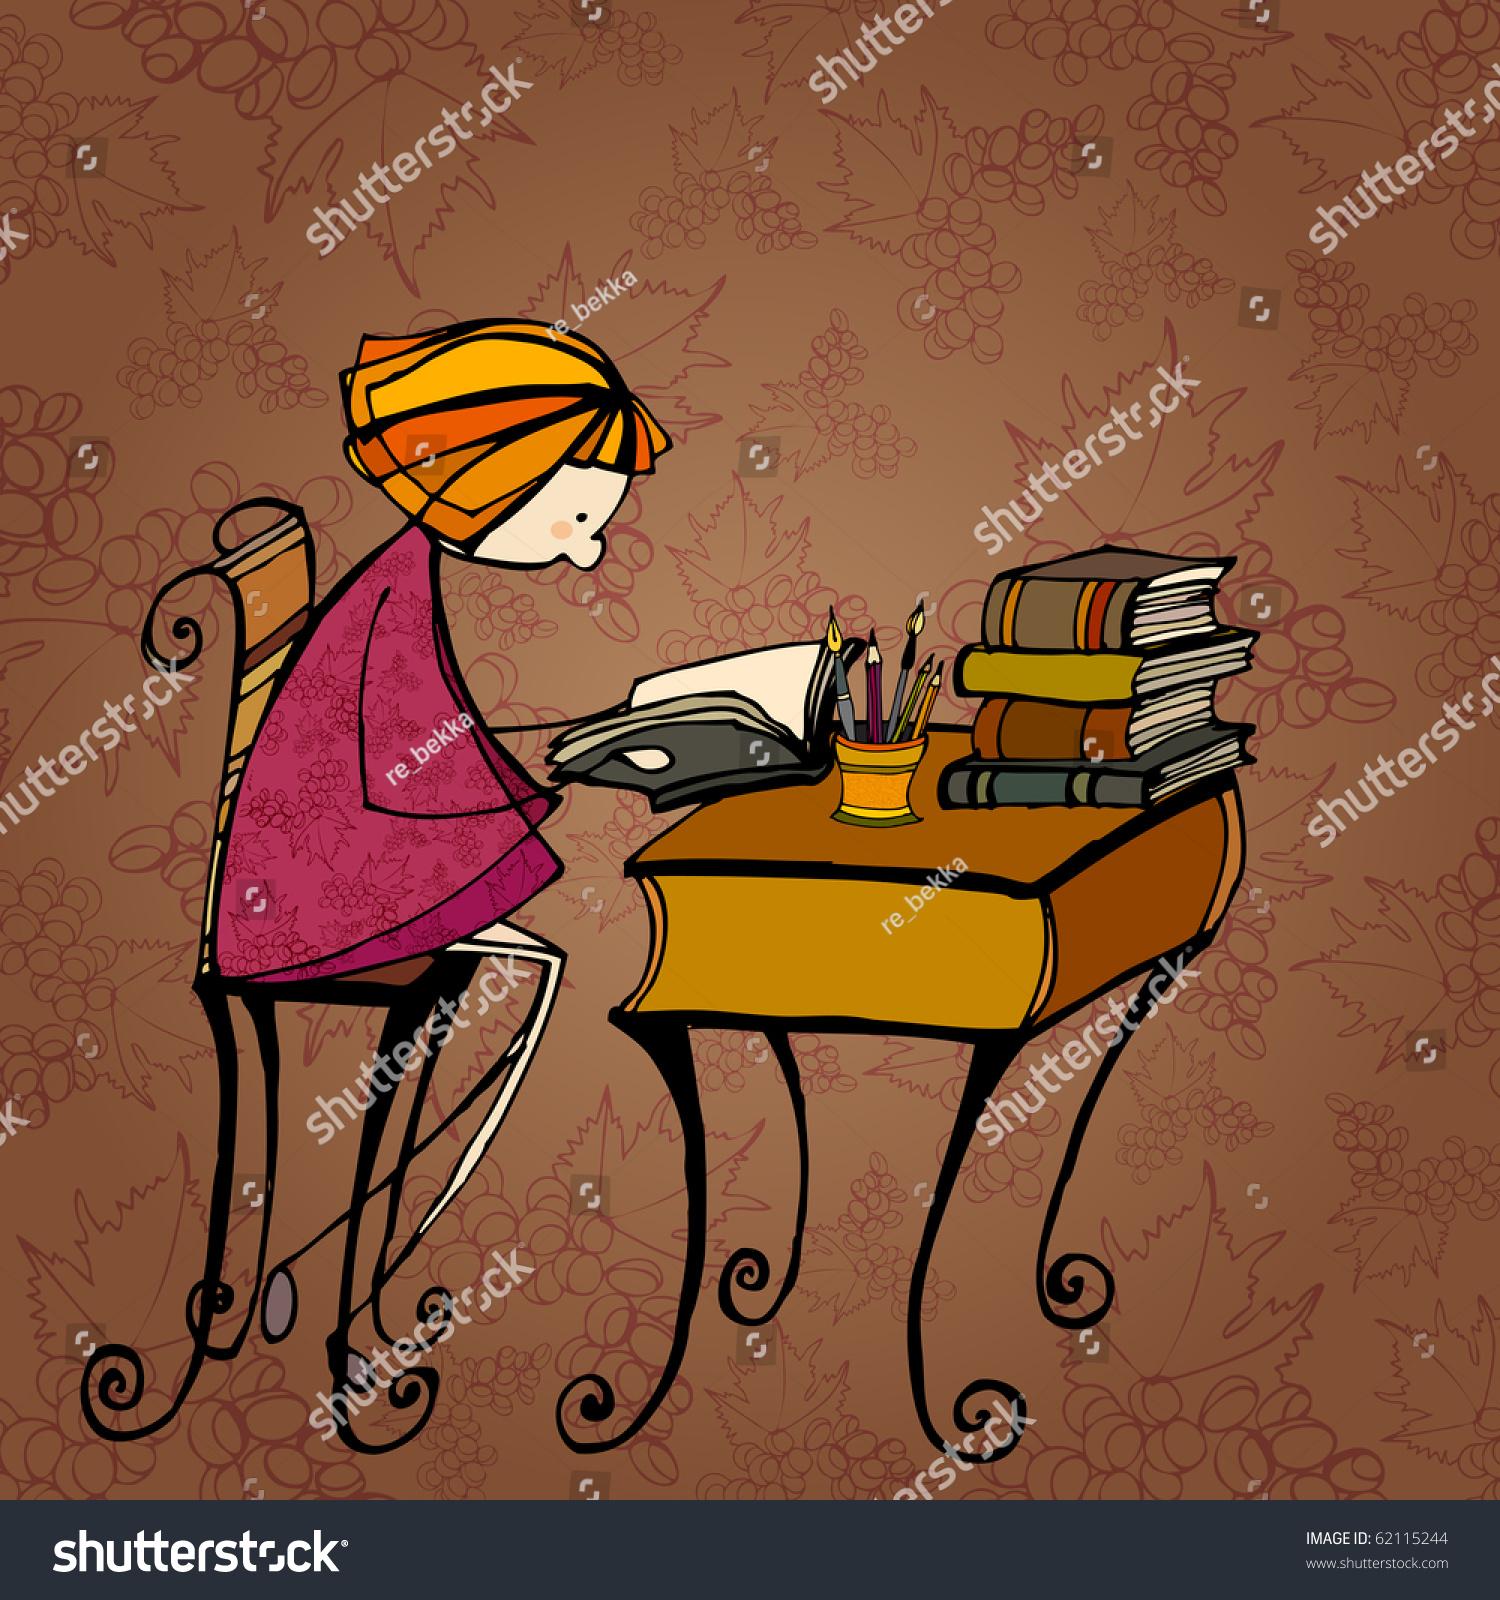 说明秋天背景和可爱的小女孩学习-背景/素材,插图/图